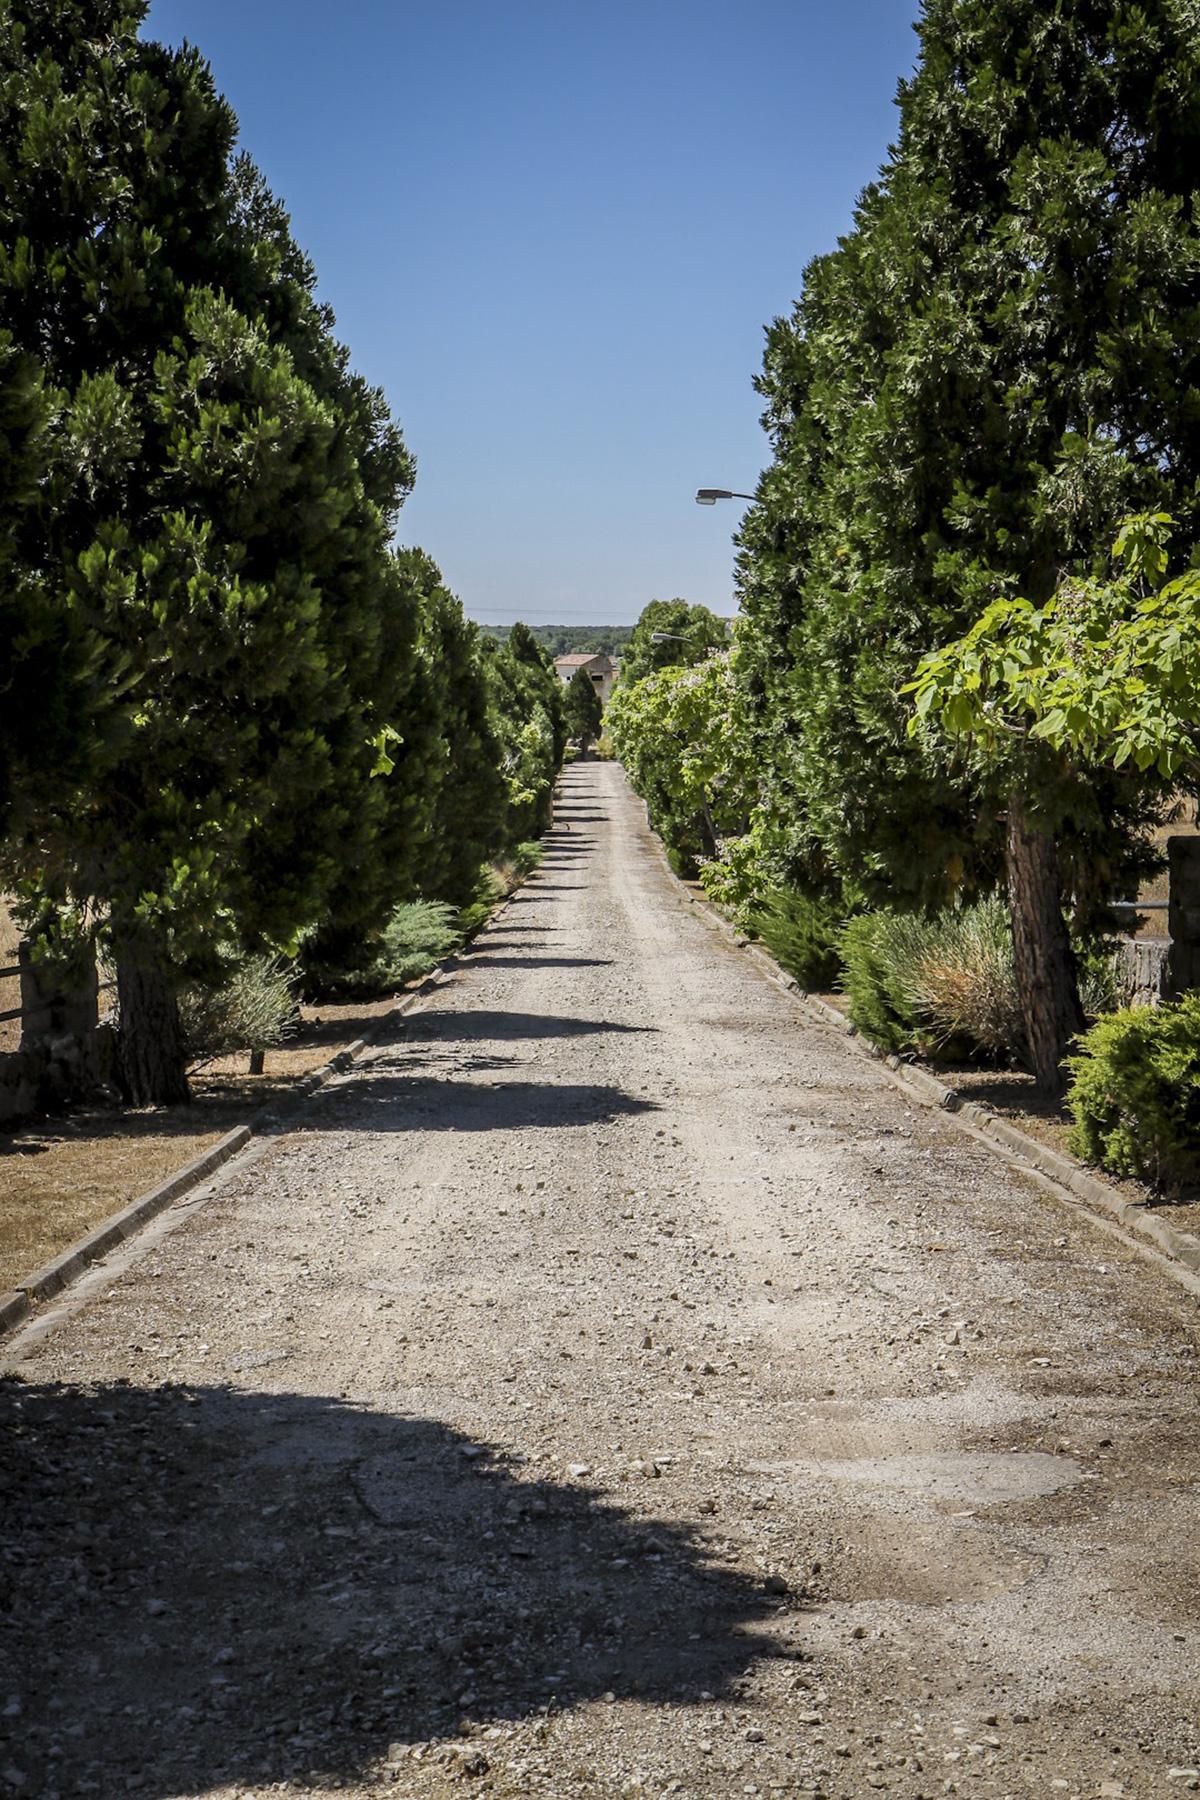 Placita camino - Finca El Campillo